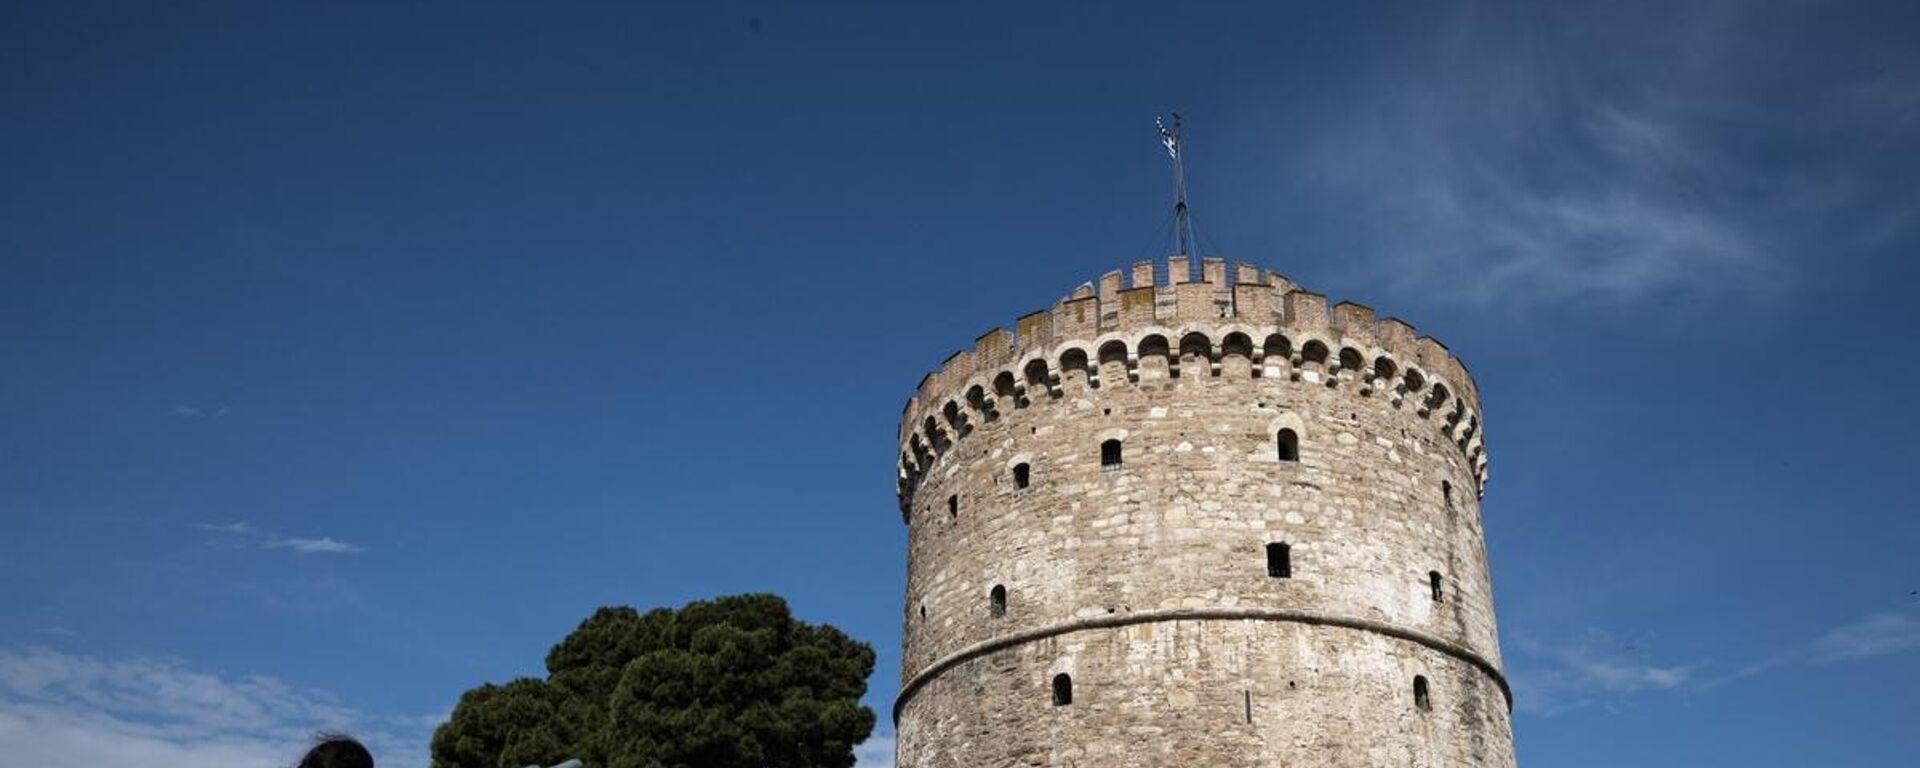 Lockdown στη Θεσσαλονίκη - Sputnik Ελλάδα, 1920, 01.10.2021